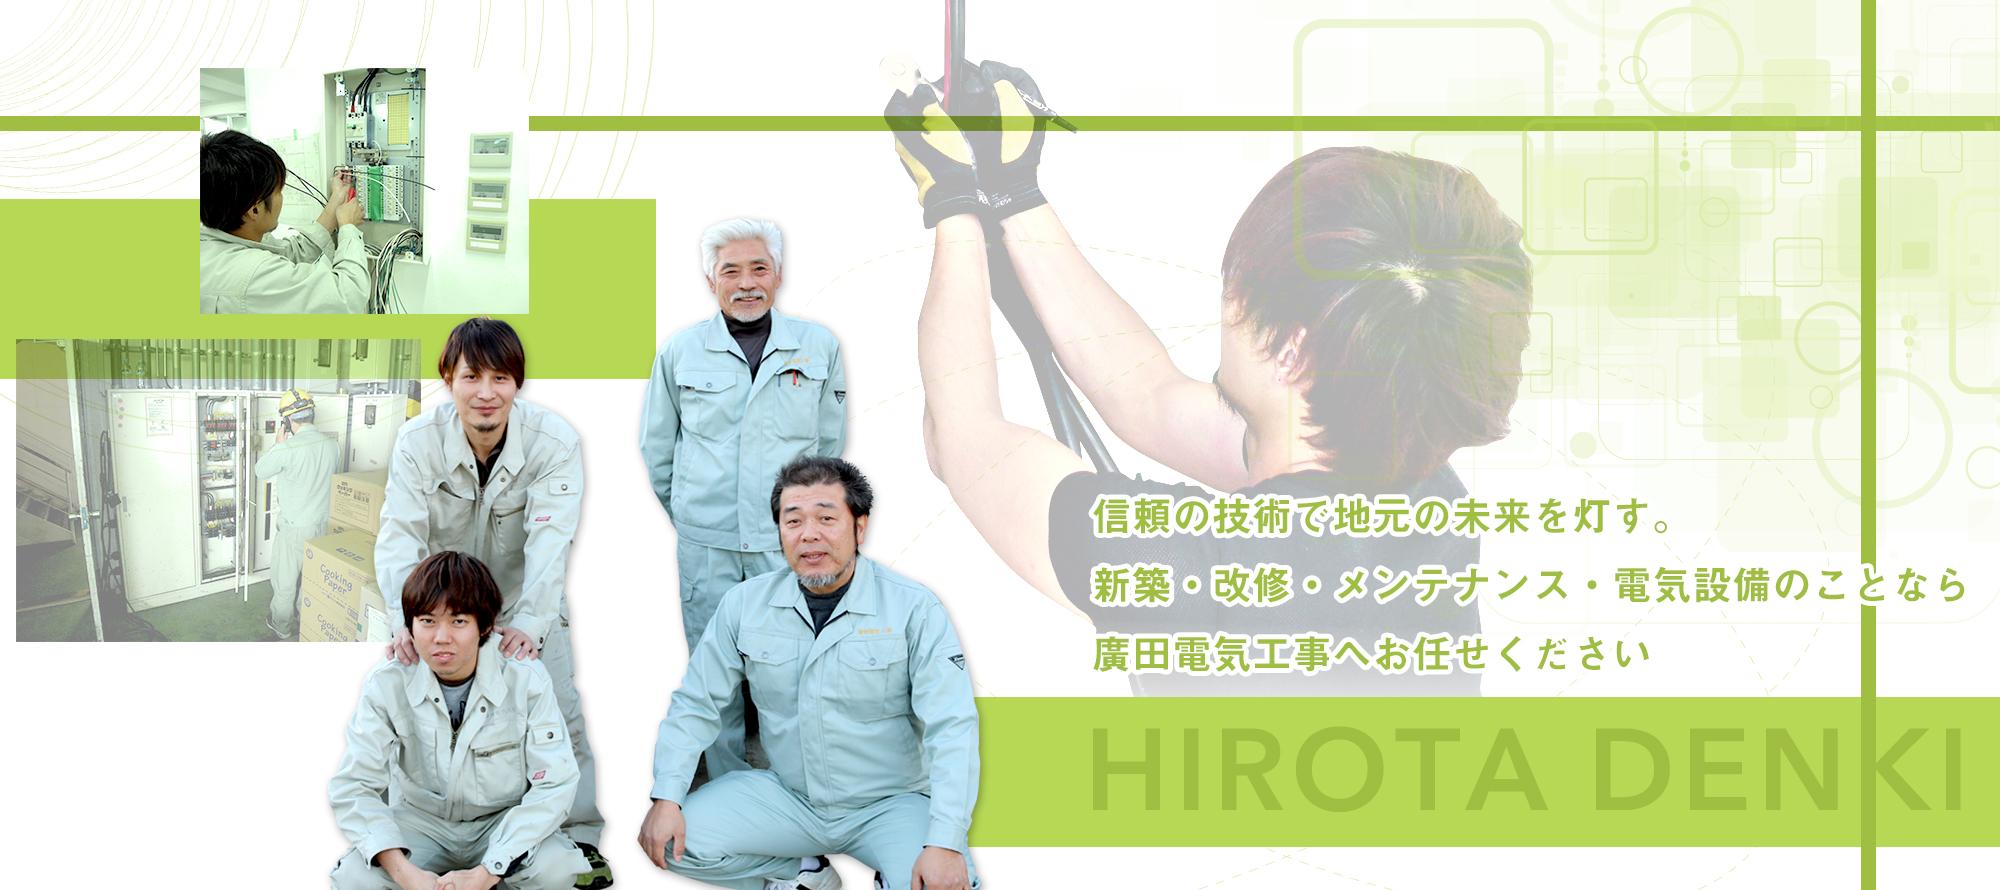 メンテナンス・電気設備のことなら廣田電気工事へお任せください